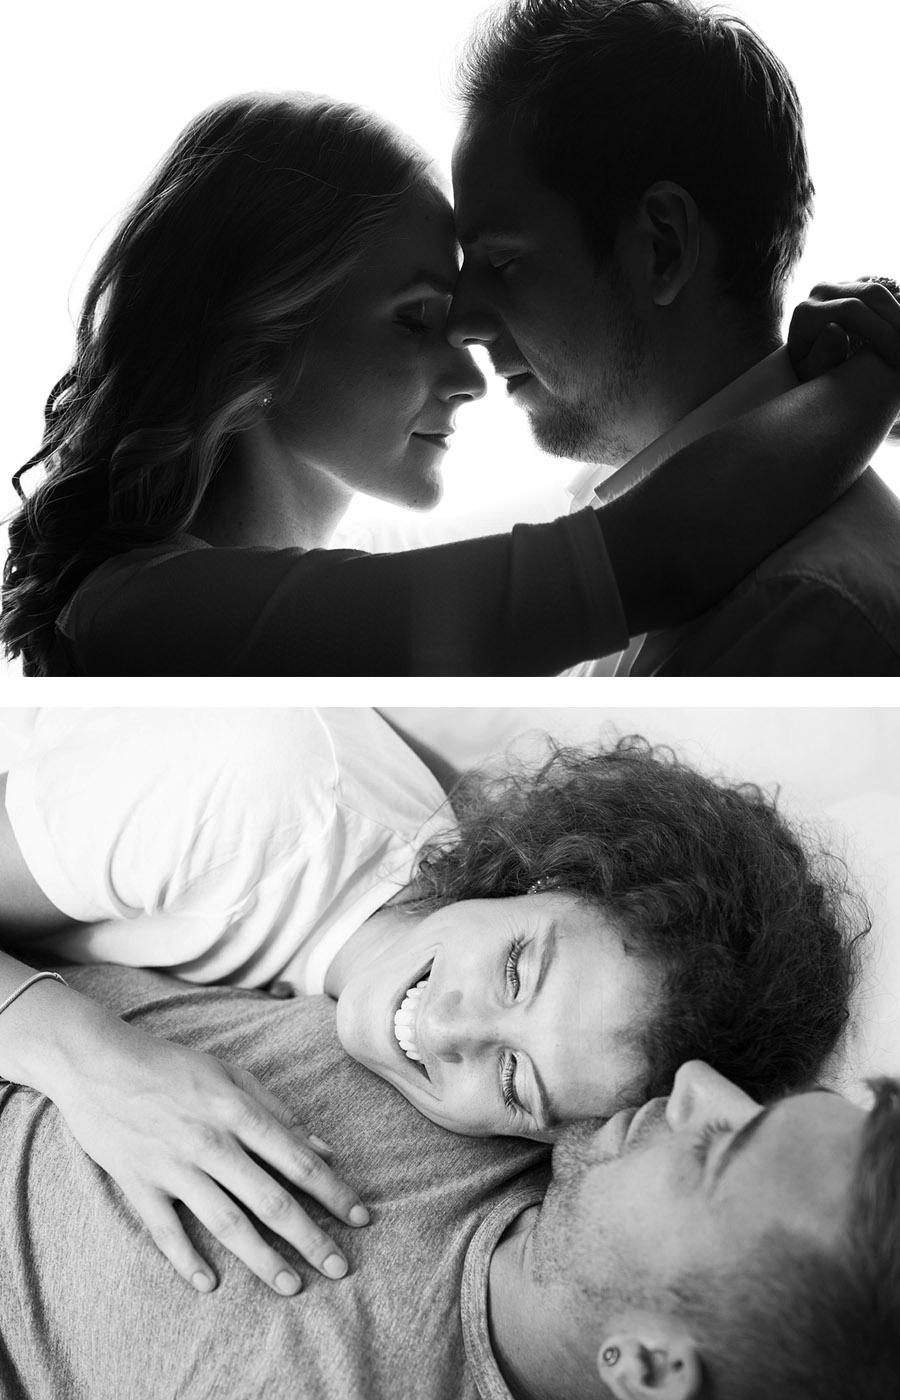 Fotoshooting Couple  Studioart Photography